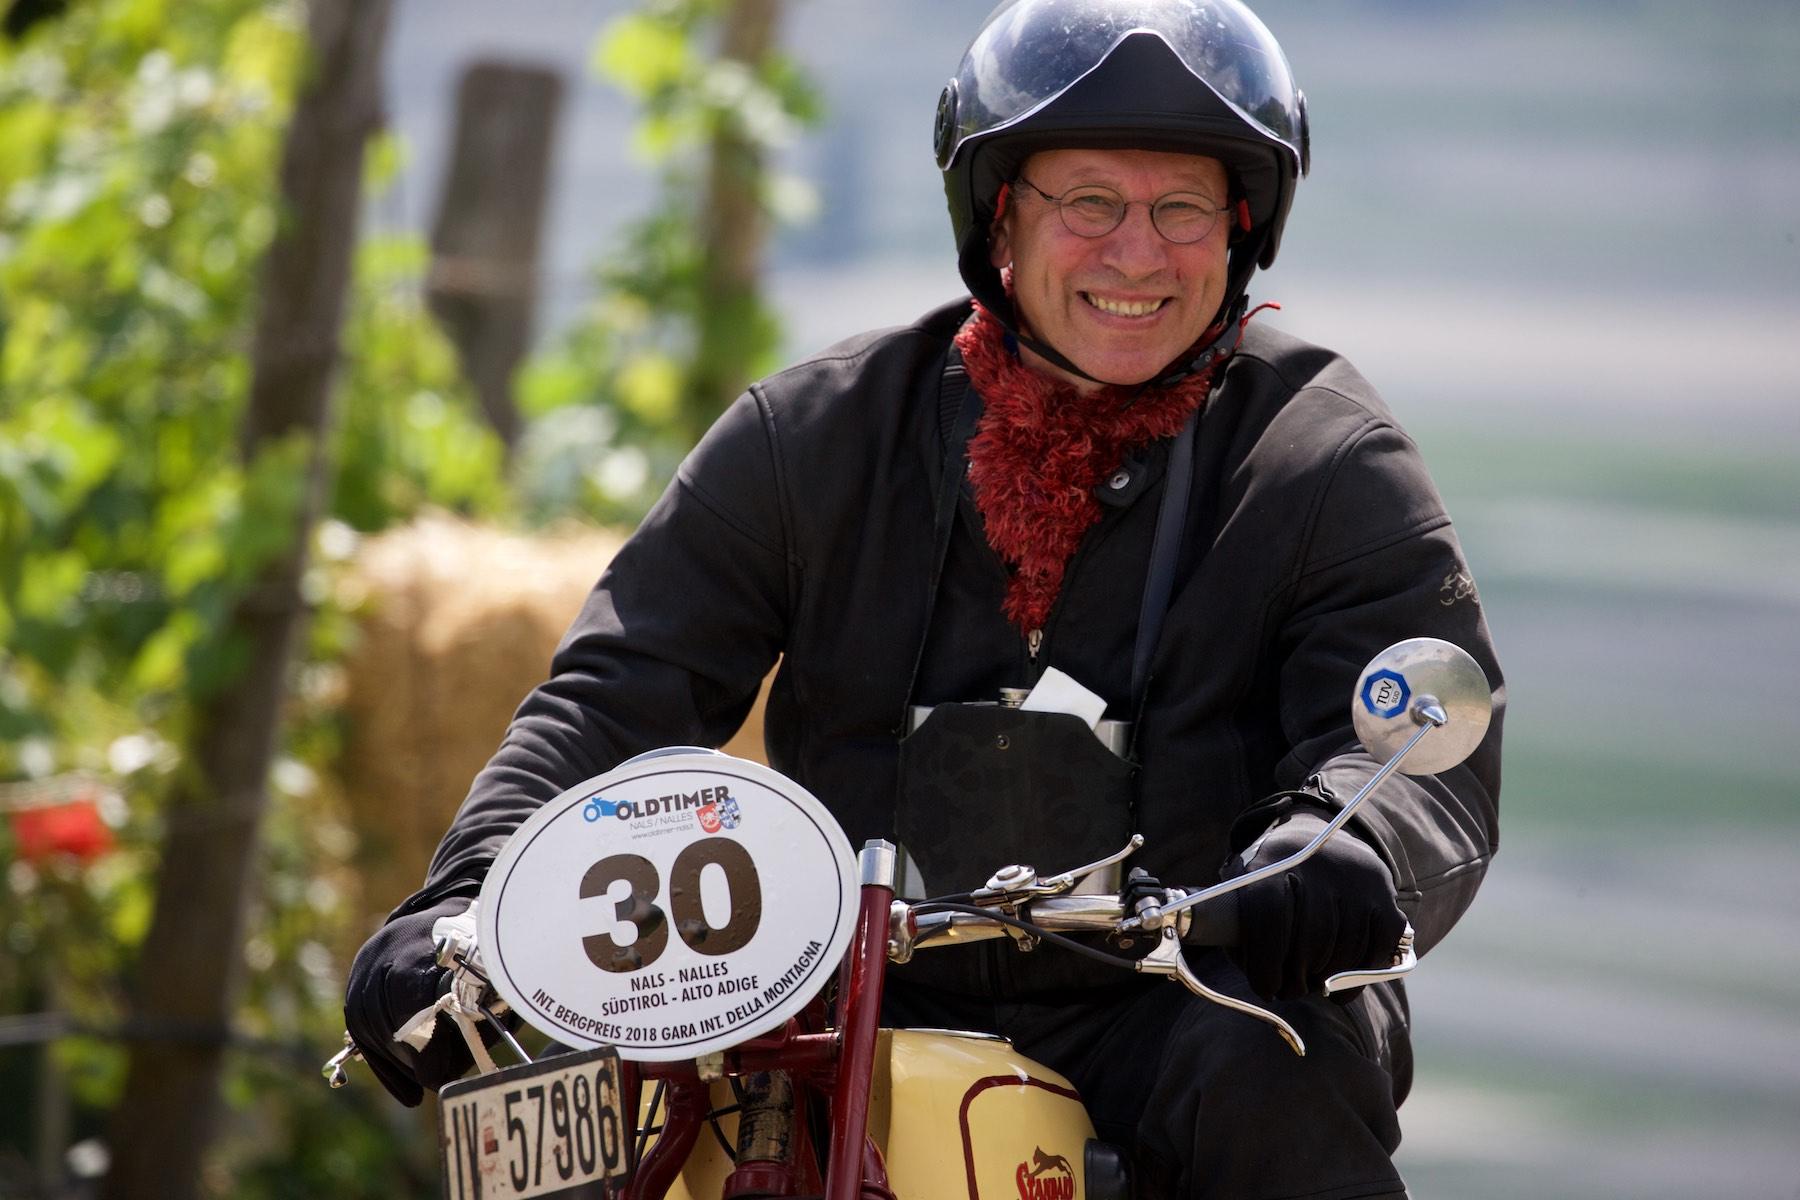 © John McDermott | Bergrennen Oldtimer Bikes Nals-Südtirol